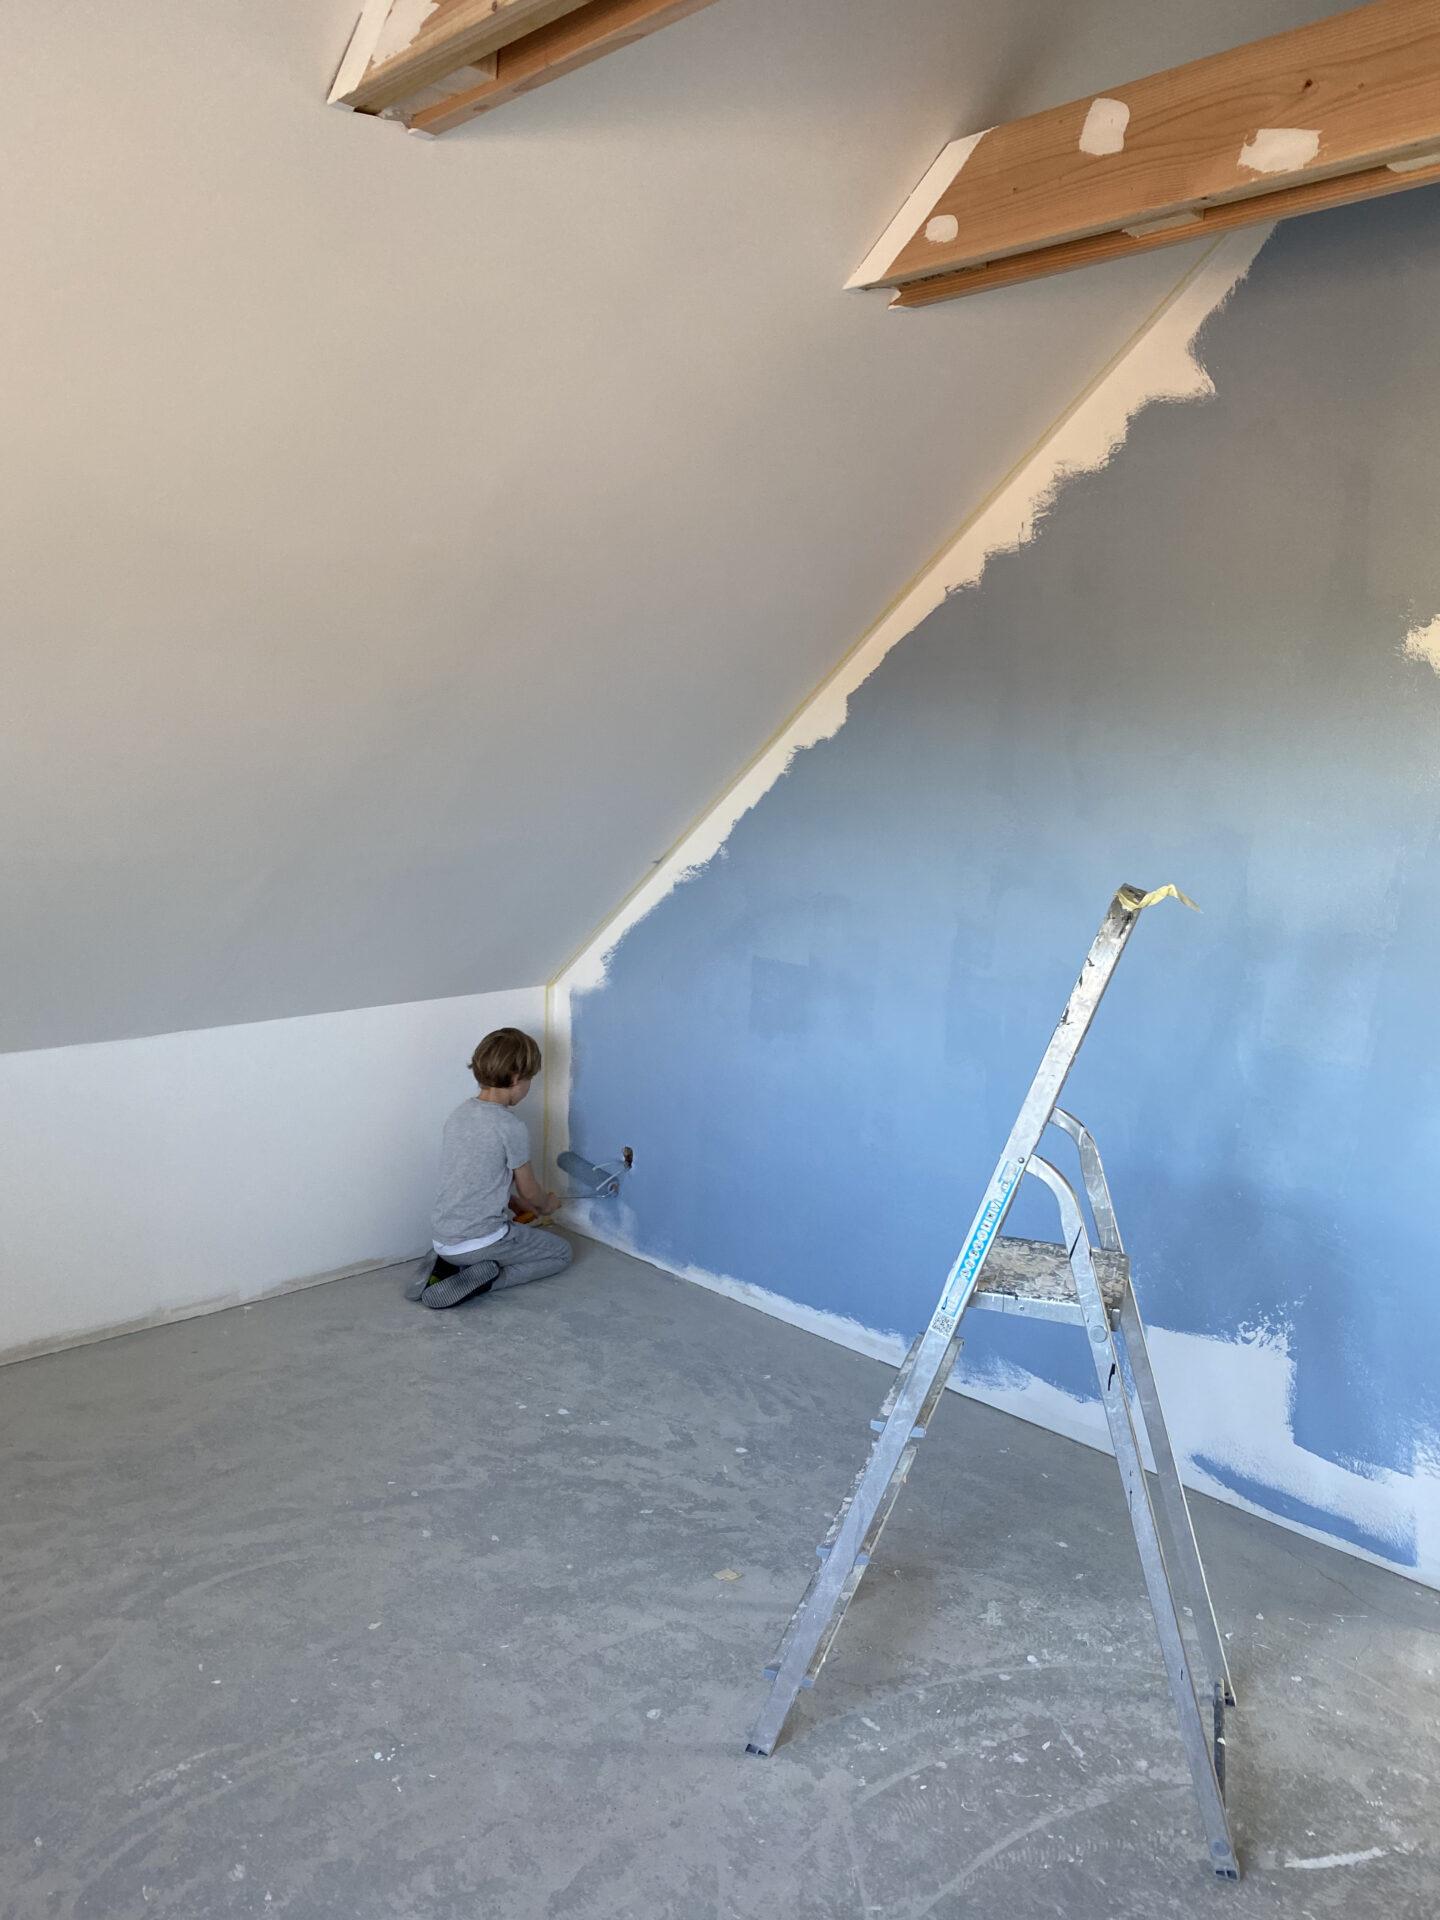 Malte maler sit værelse